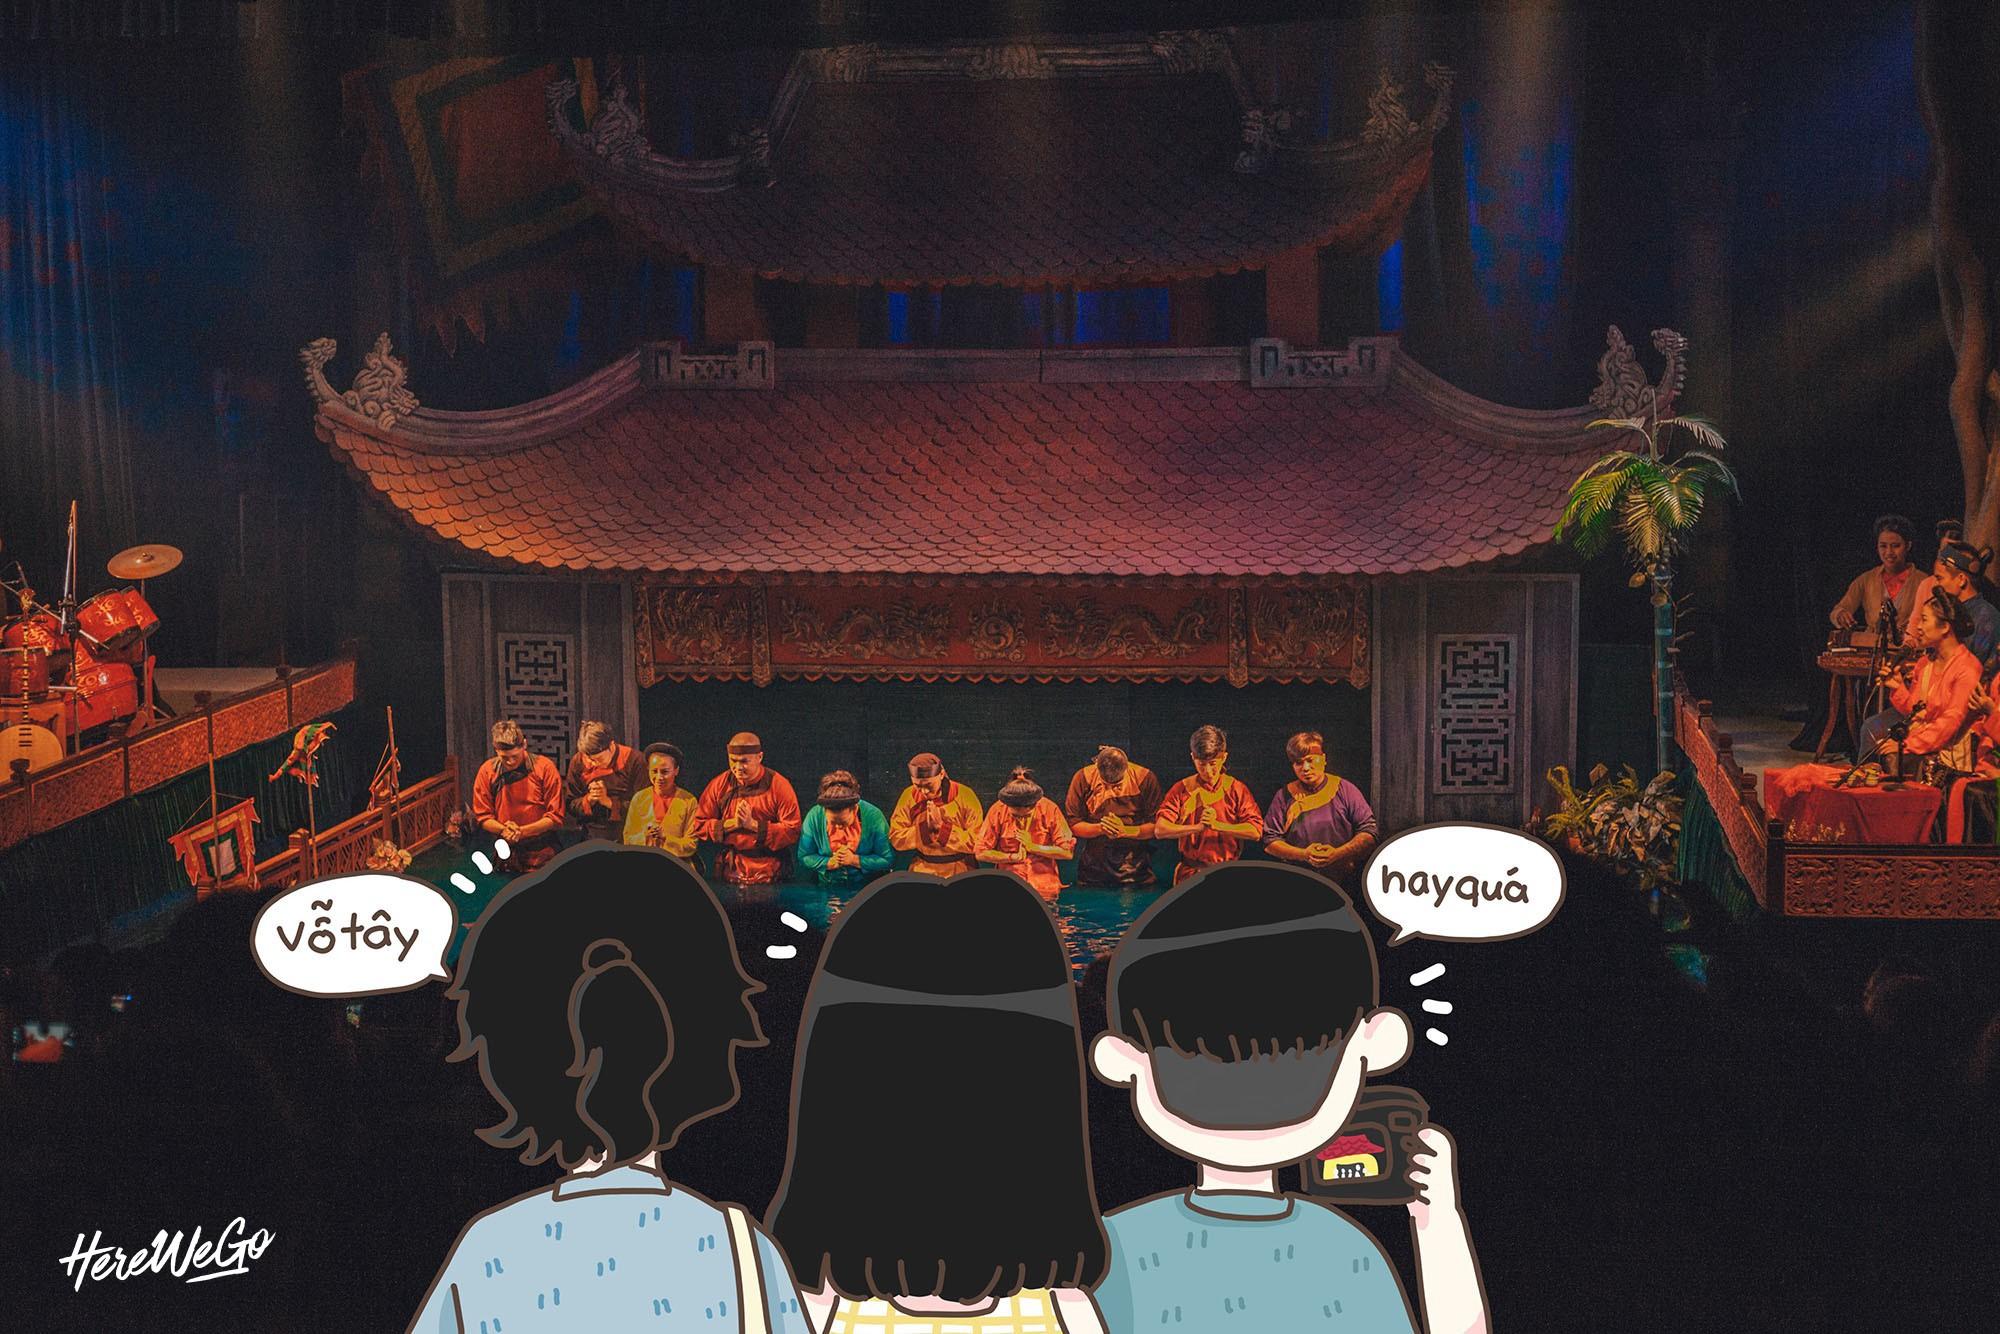 Bất ngờ trước những khung hình mùa thu Hà Nội - Ninh Bình đẹp và trong trẻo như thời thơ ấu của Jolie Nguyễn và các bạn đồng hành - Ảnh 12.